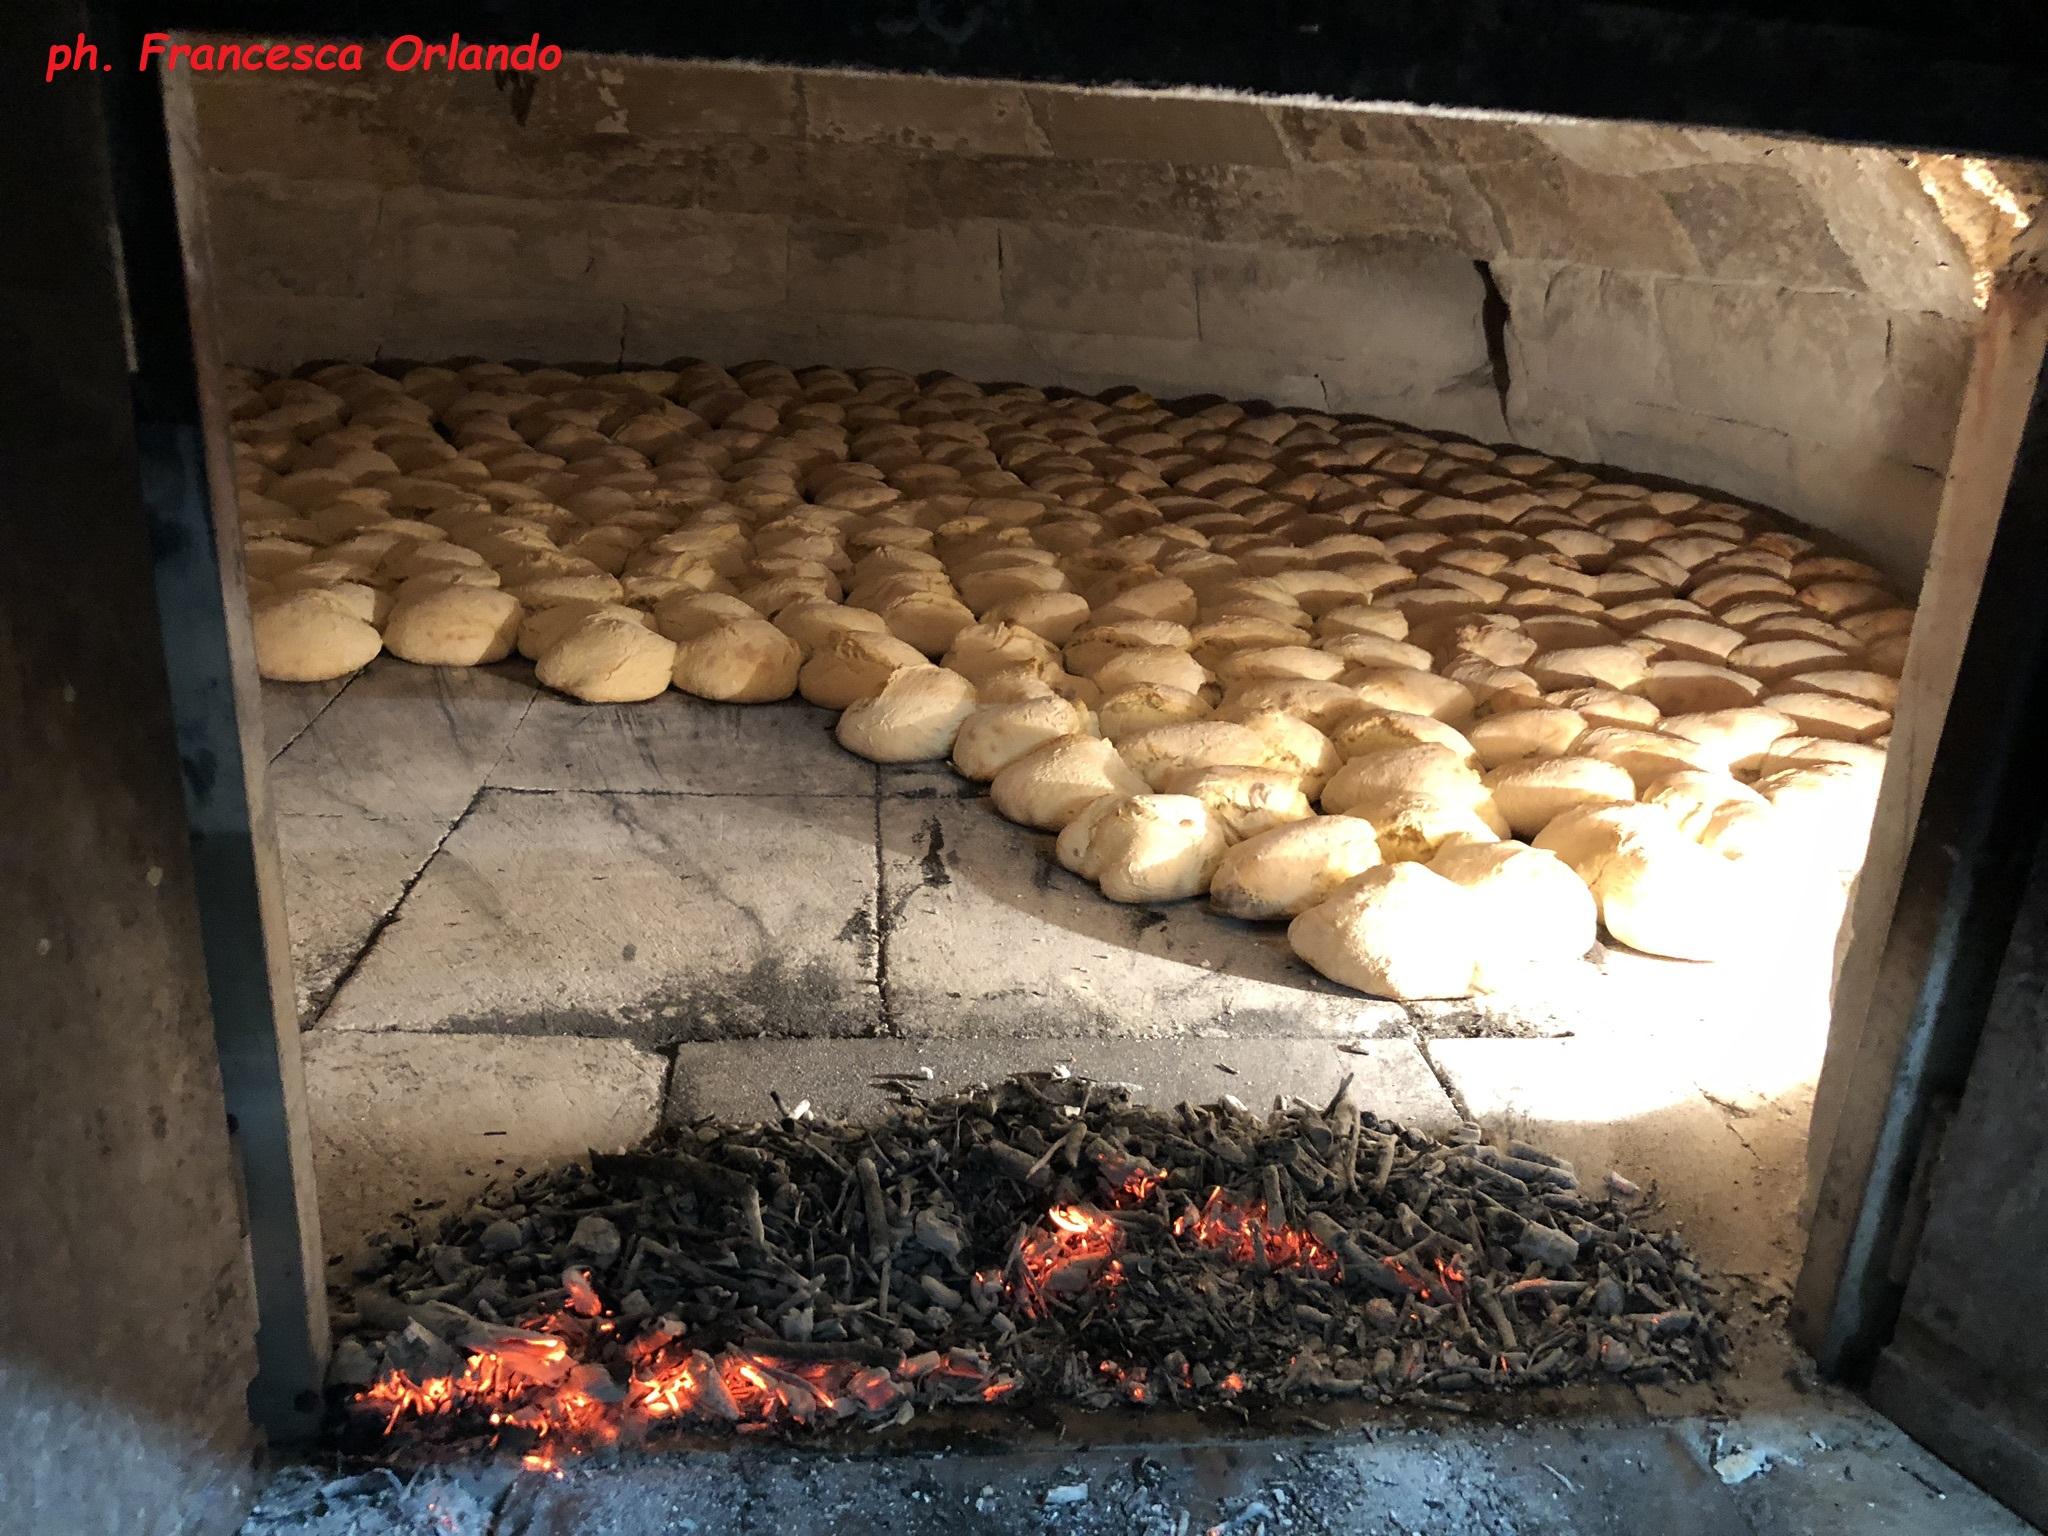 puccia in forno a legna